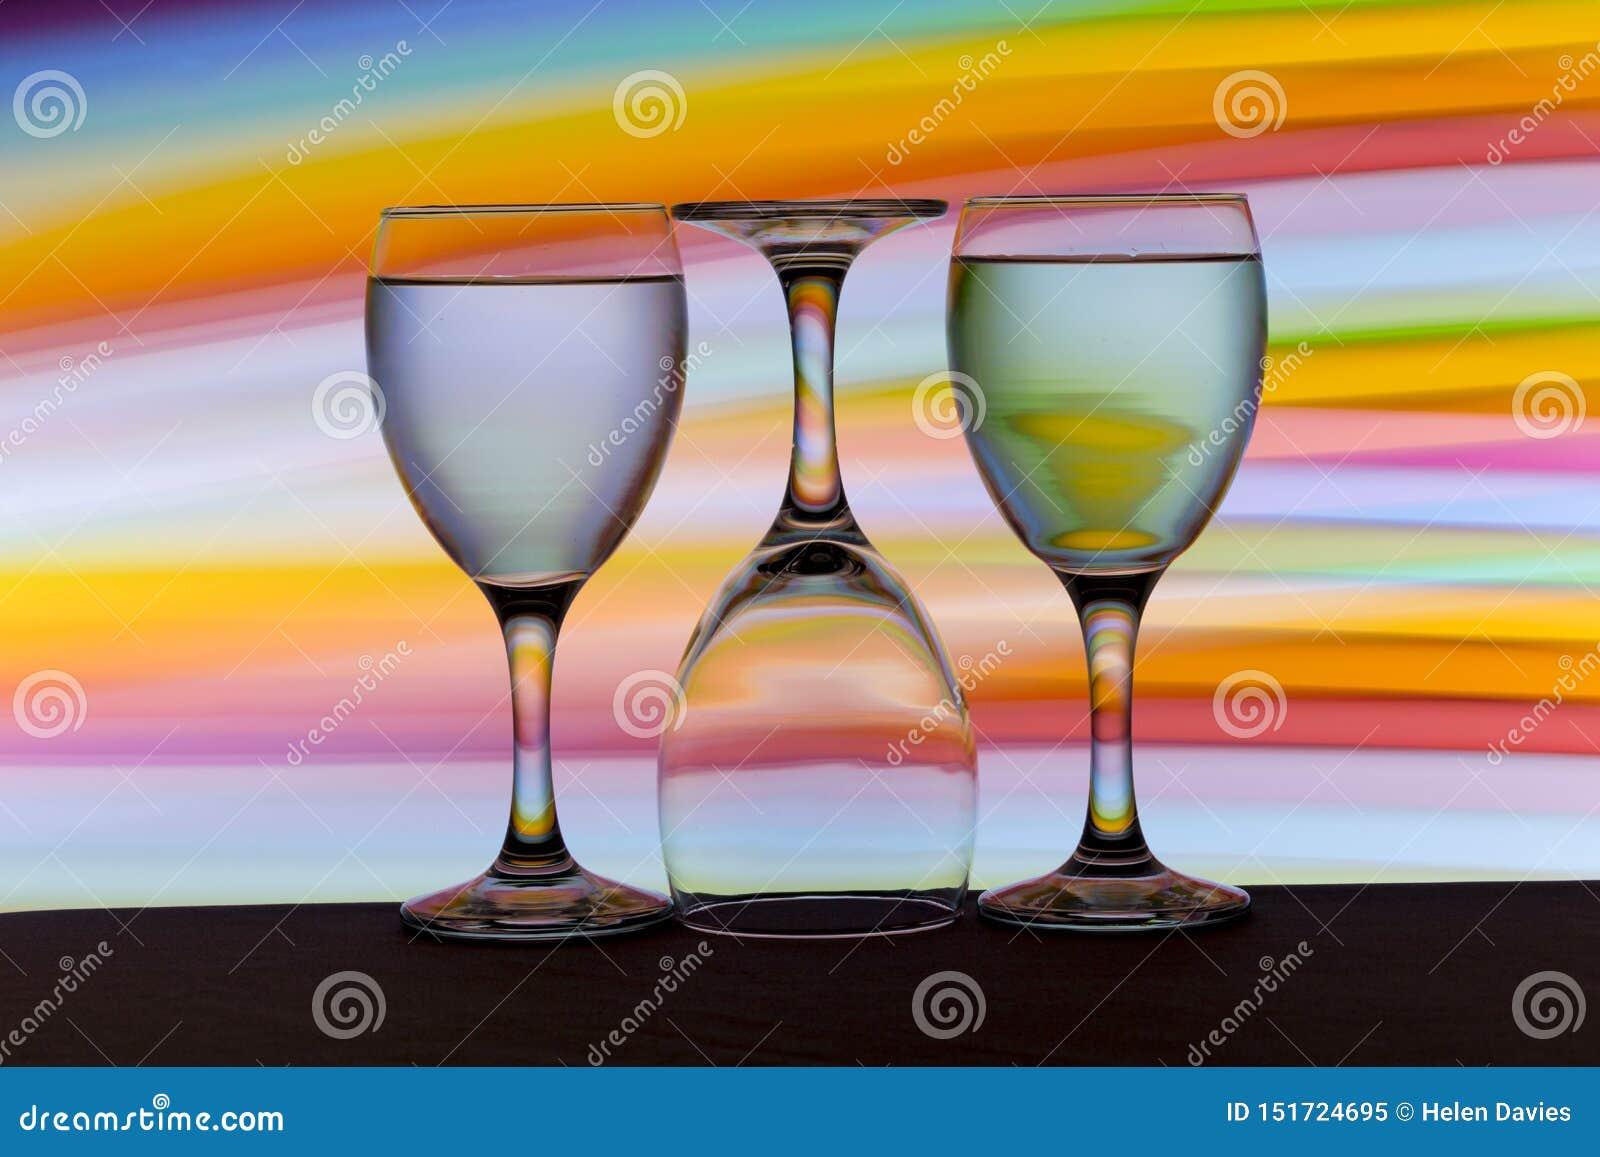 Tres copas de vino en fila con un arco iris del color detrás de ellos